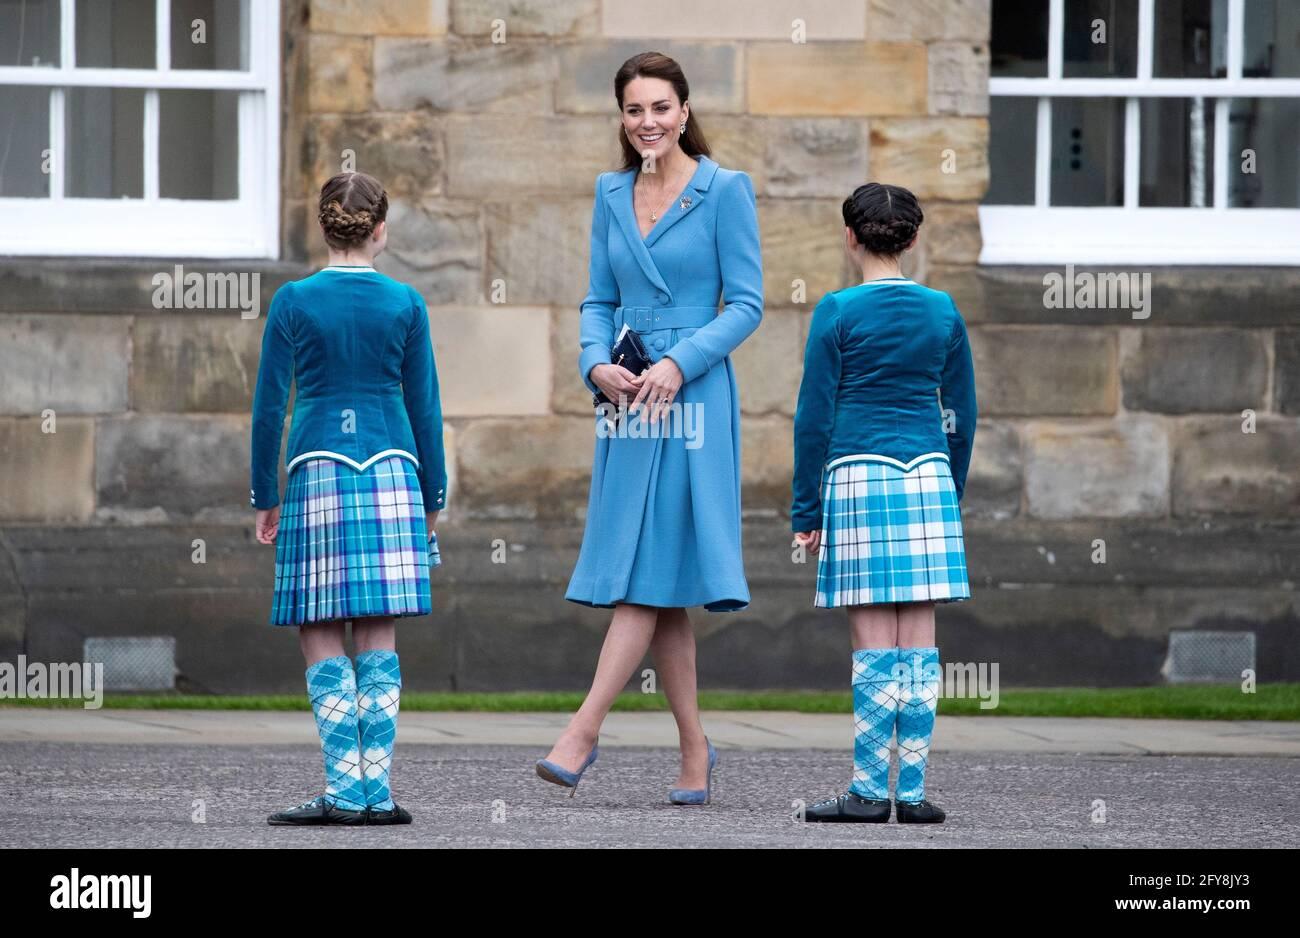 Die Herzogin von Cambridge trifft auf Highland-Tänzer während eines Schlages des Retreats im Palace of Holyroodhouse in Edinburgh. Bilddatum: Donnerstag, 27. Mai 2021. Stockfoto